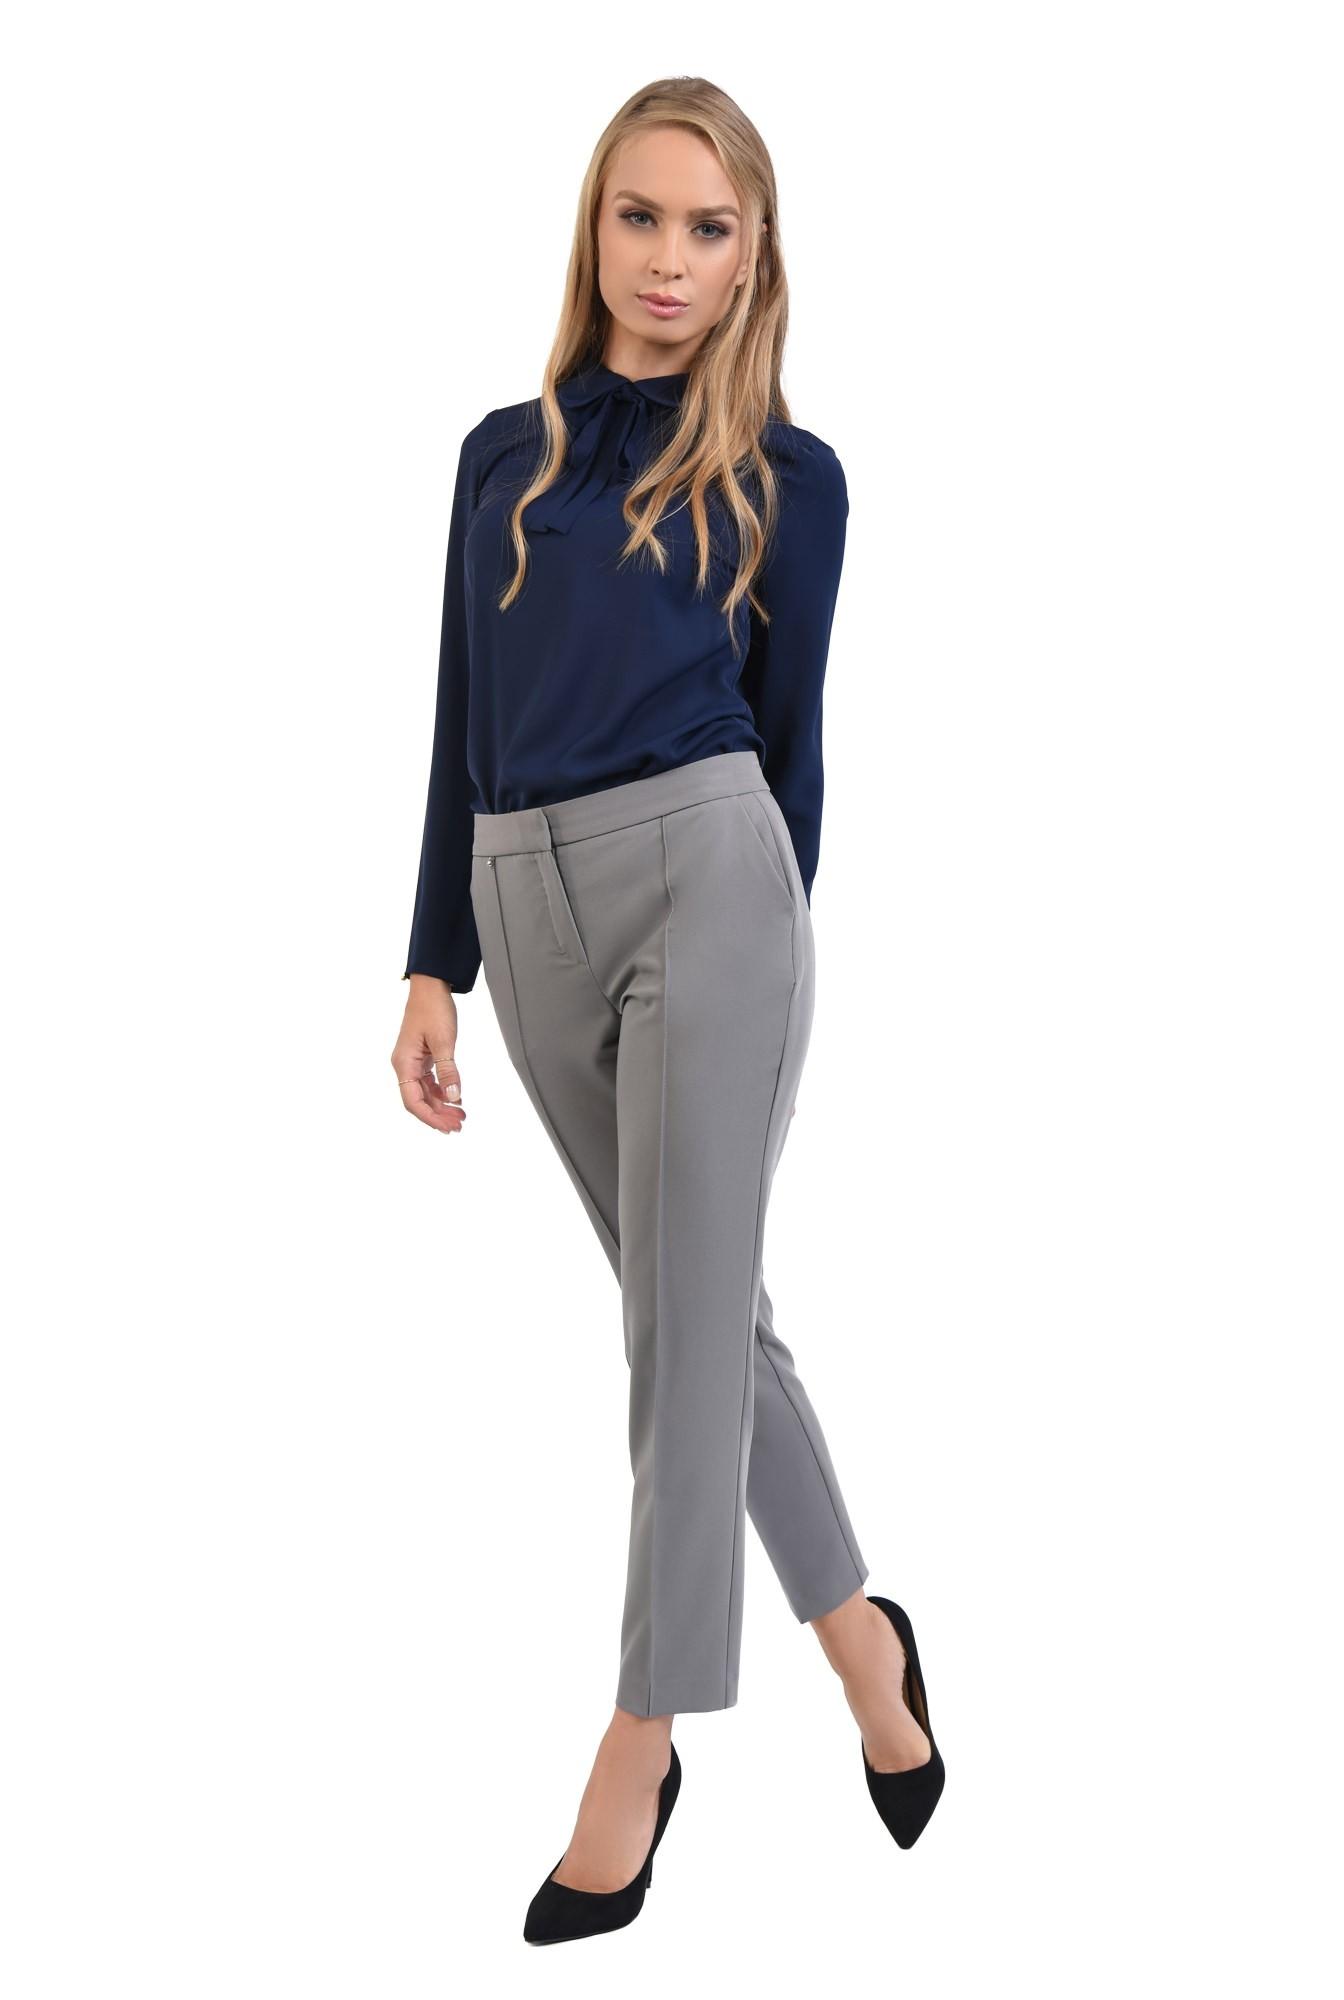 0 - pantaloni casual. clasici, cu buzunare functionale